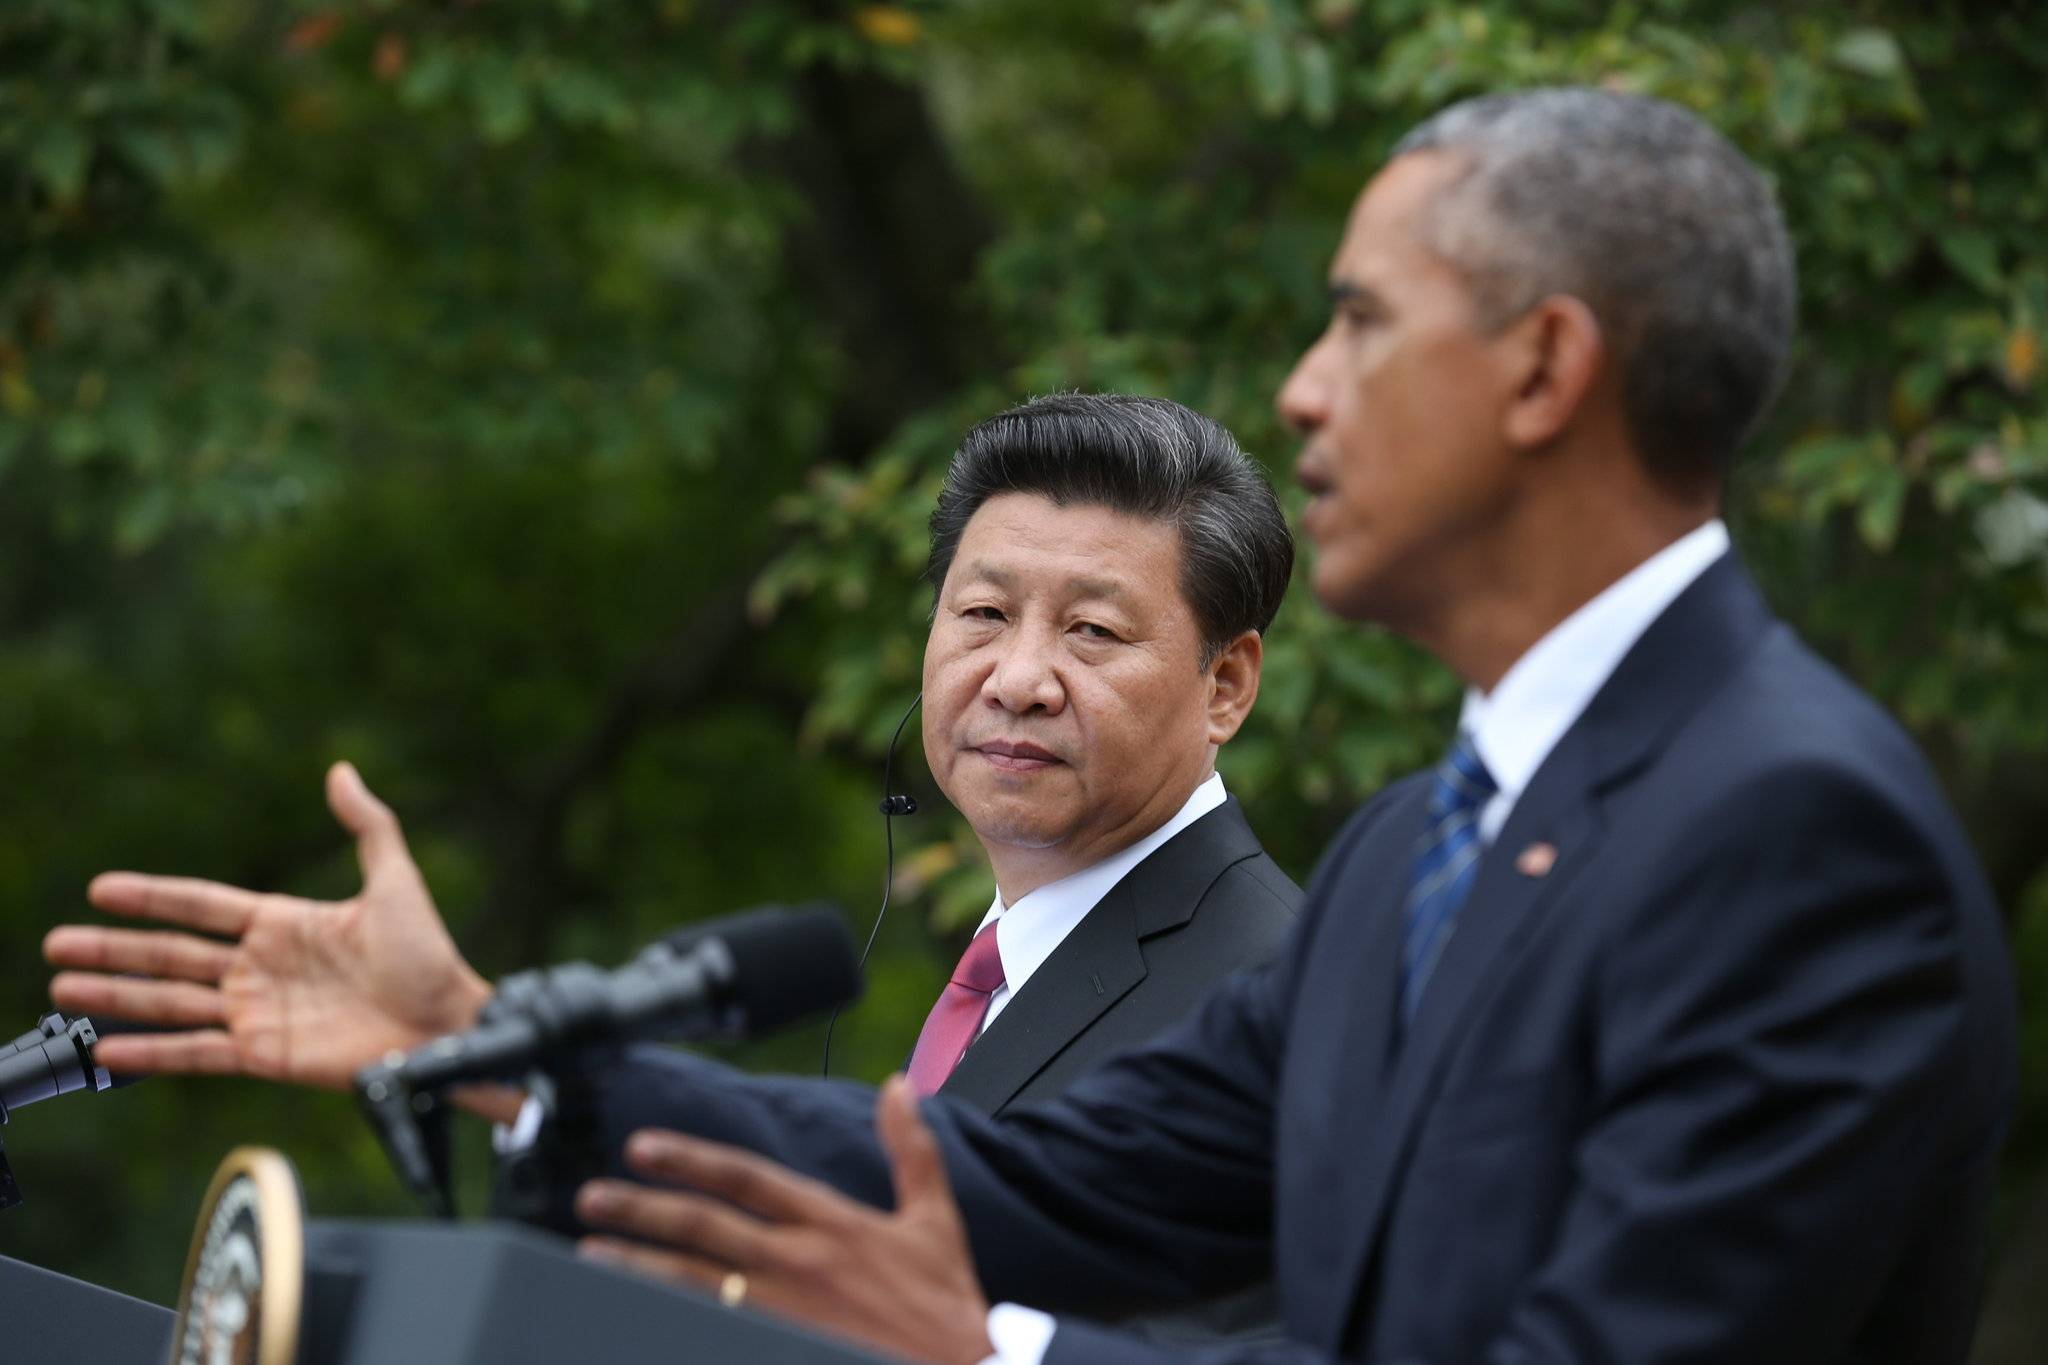 中美网络安全问题:有共识,无协议,美方仍有可能实施制裁?